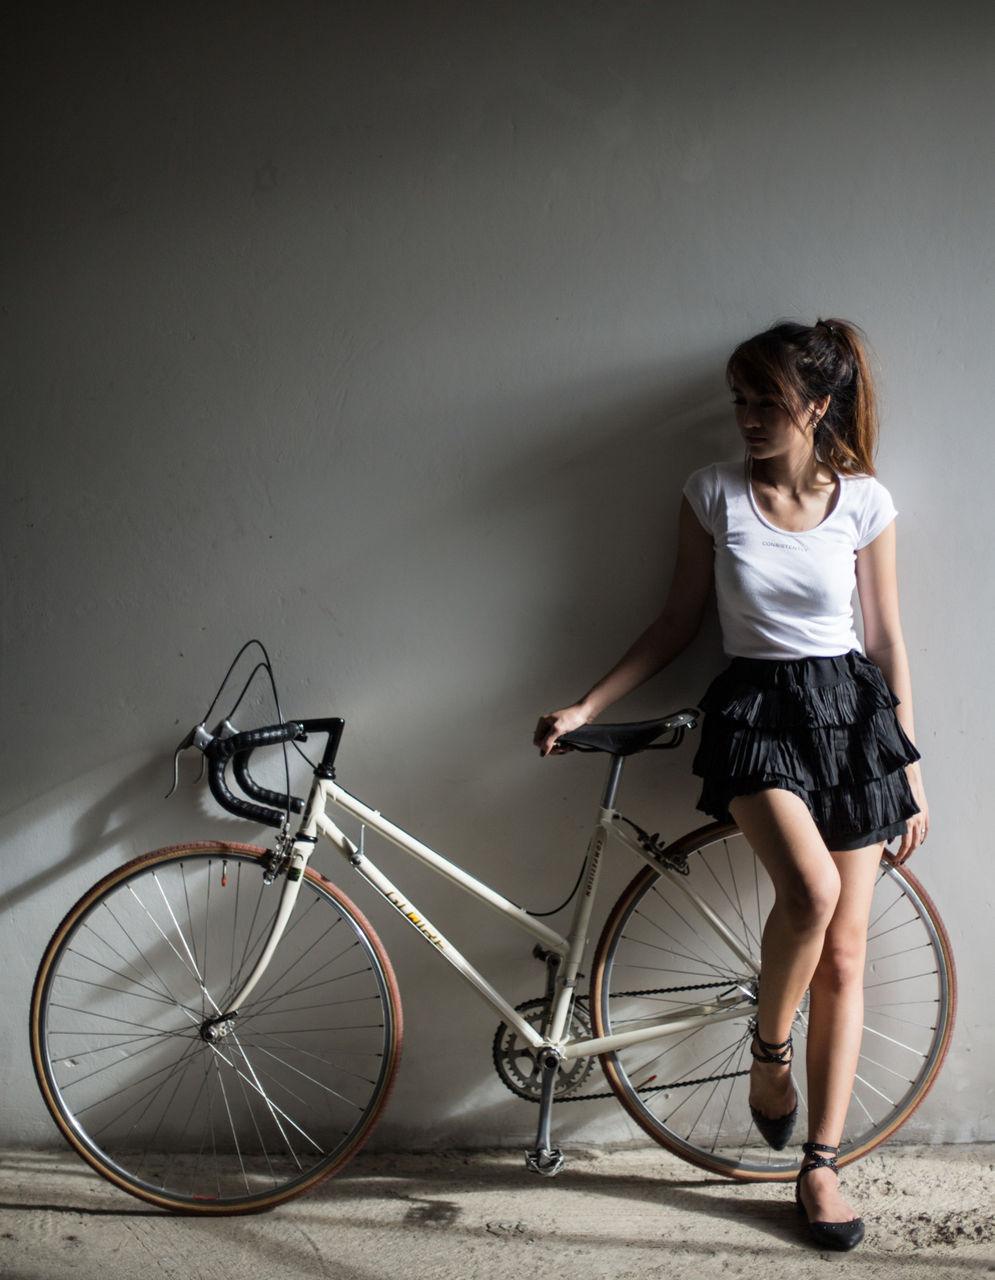 【自転車エロ画像】ただただ自転車に乗っている女の子が可愛いというだけの画像まとめ! 23